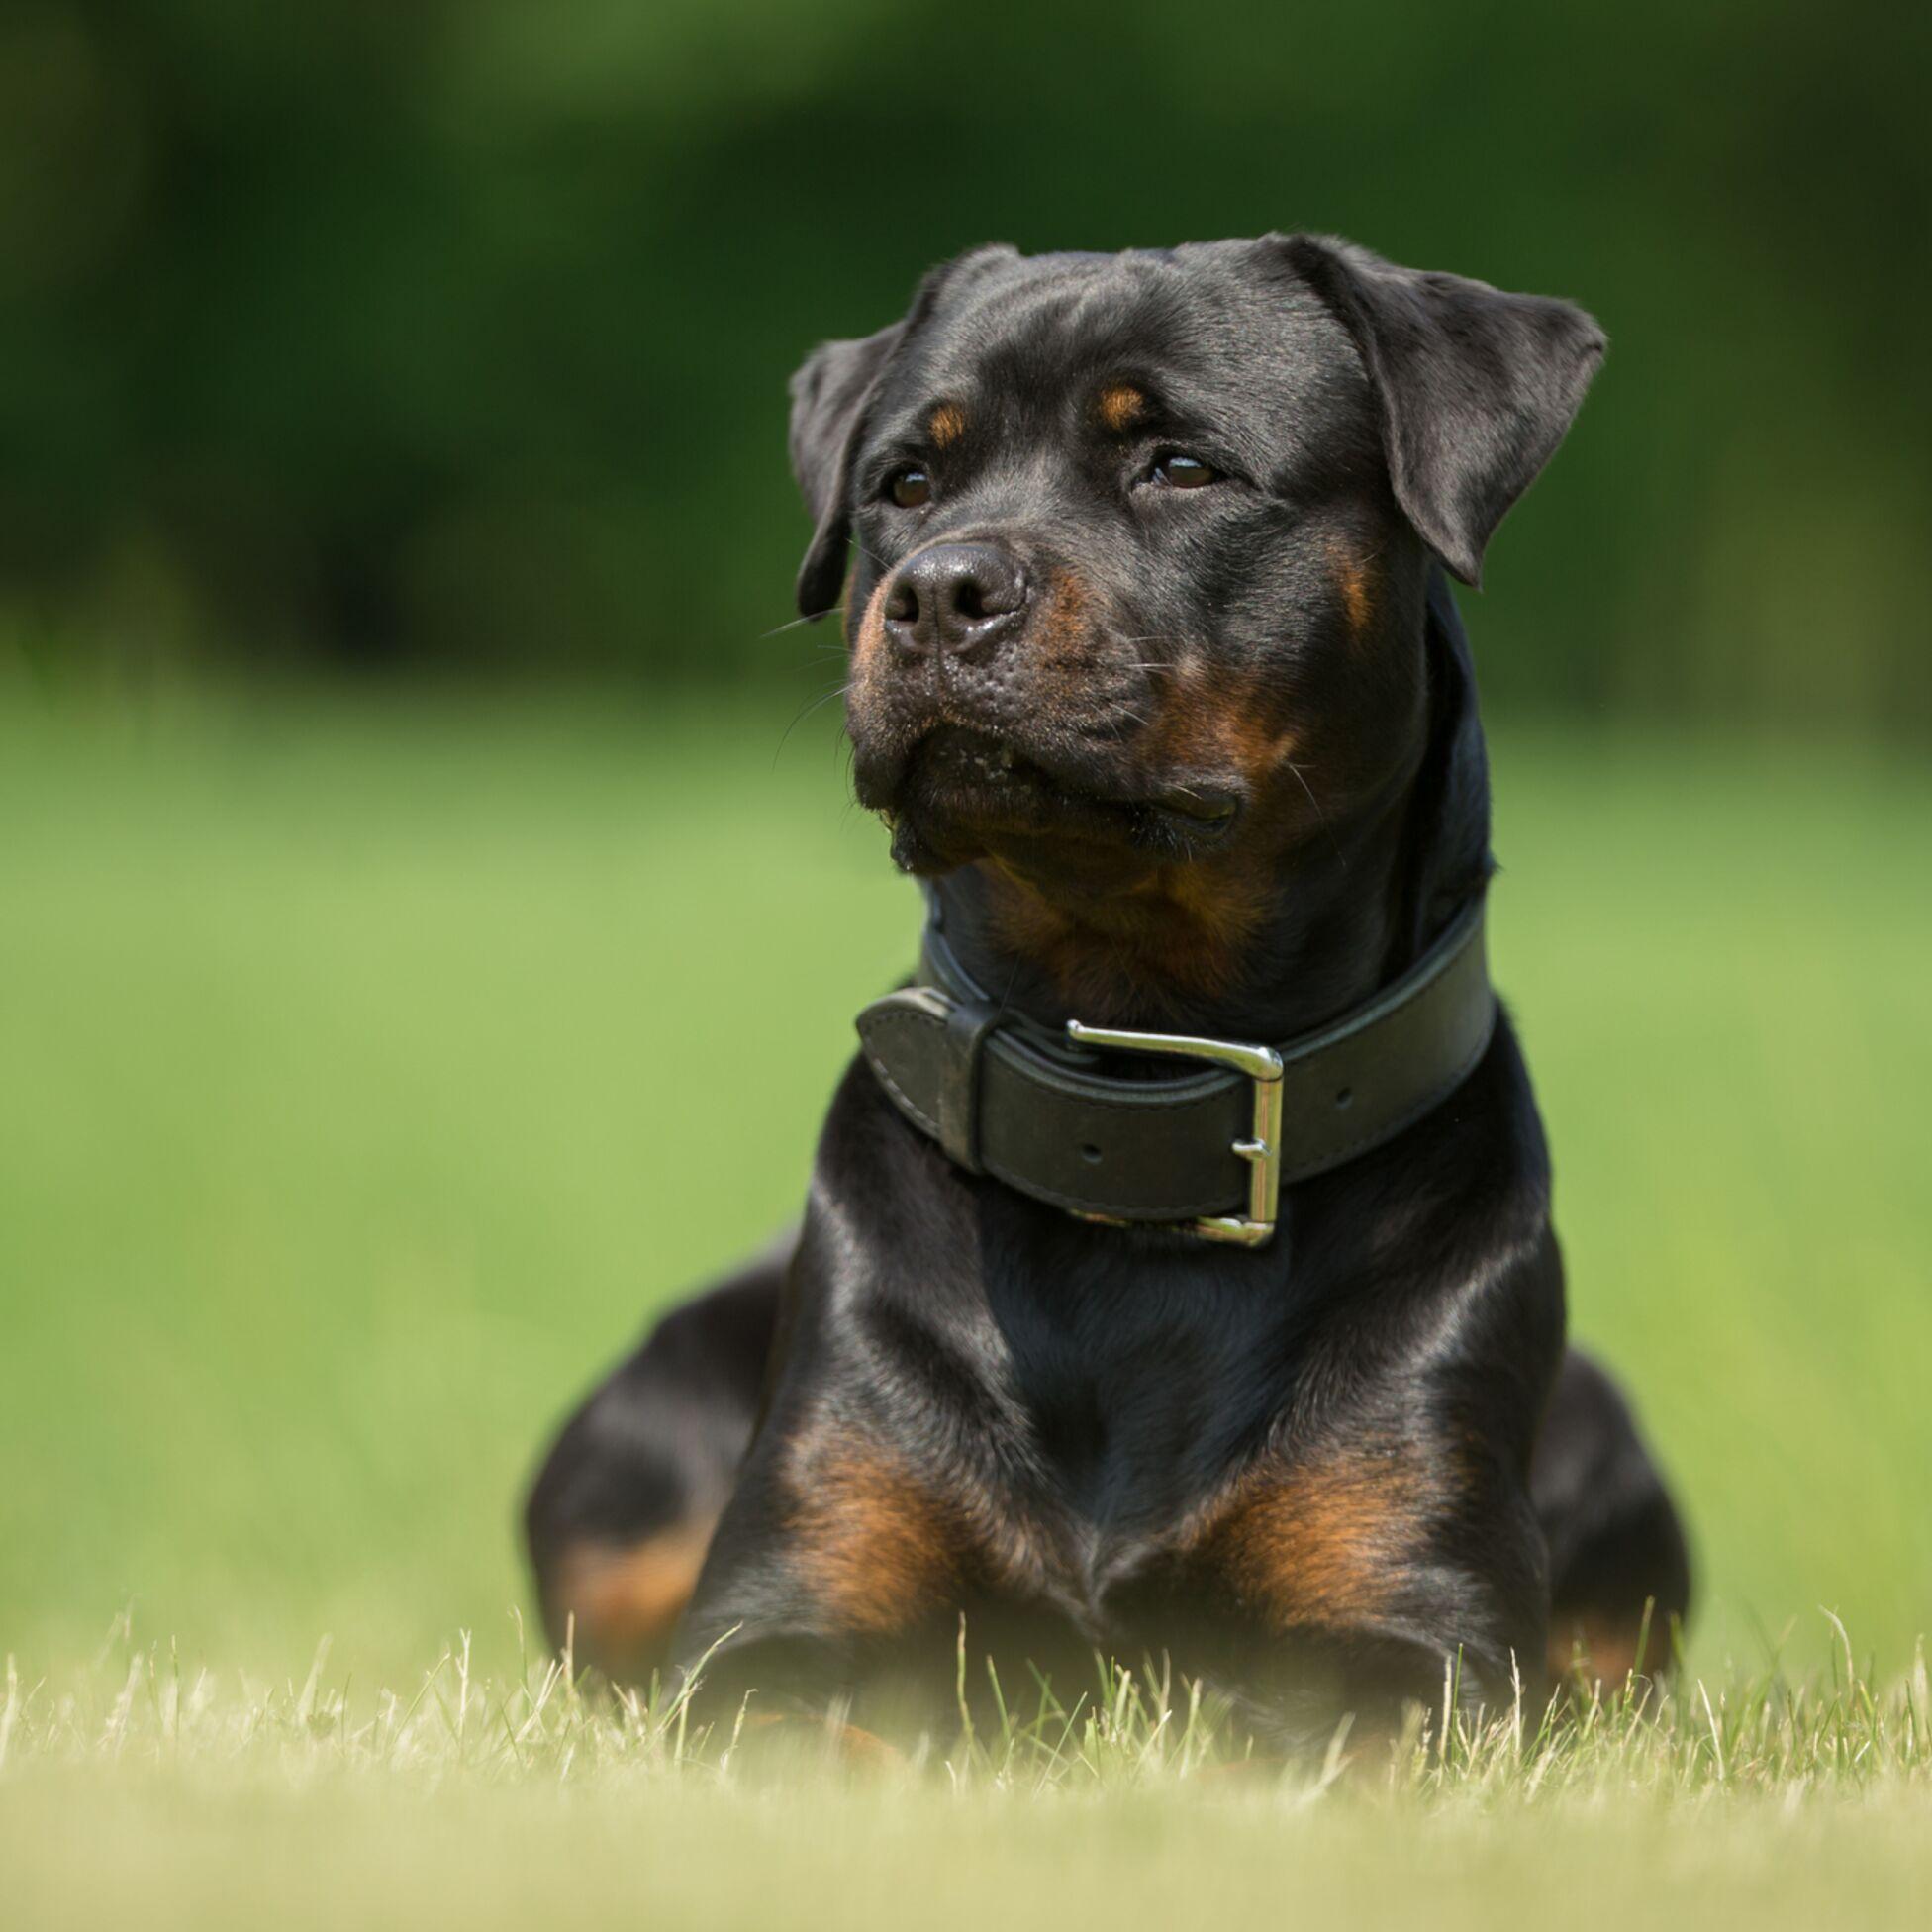 Kampfhund halten: Rasselisten und Steuern